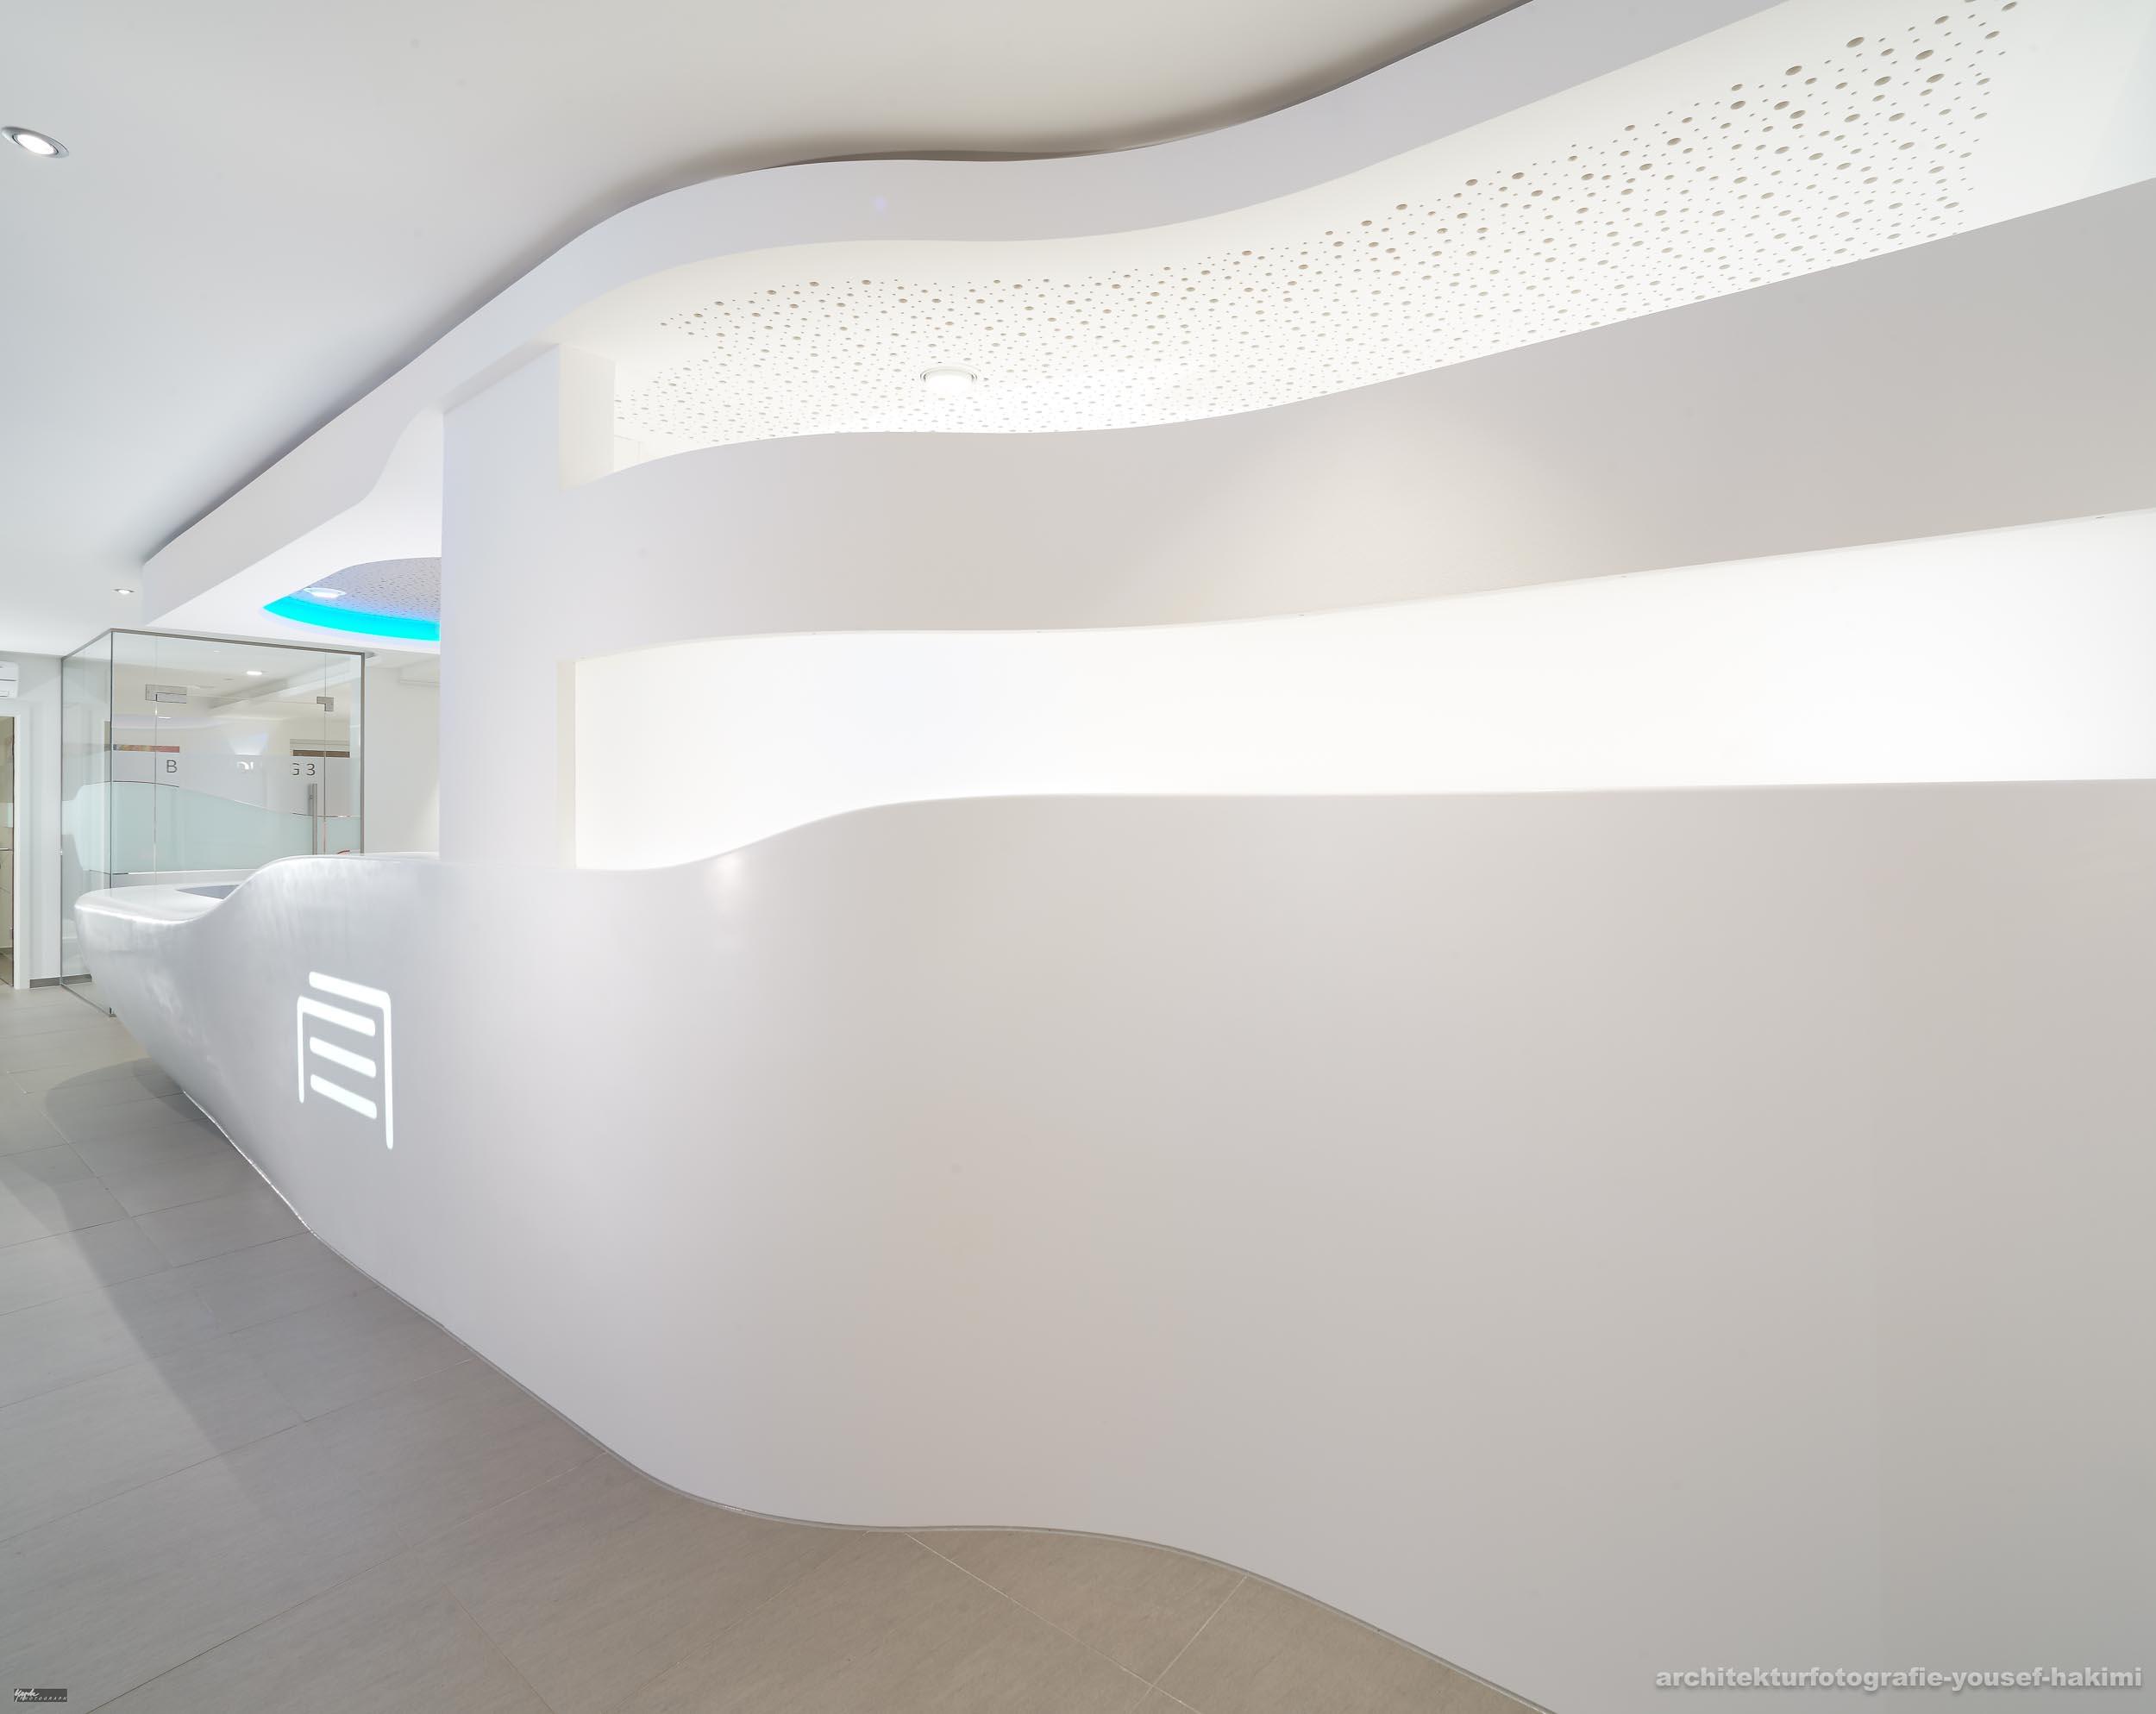 Architekturfotografie und Interieurfotografie für Mineralwerkstoffhersteller Staron. Objekt fertig gestellt von Schreinerei Haas im Saarland.